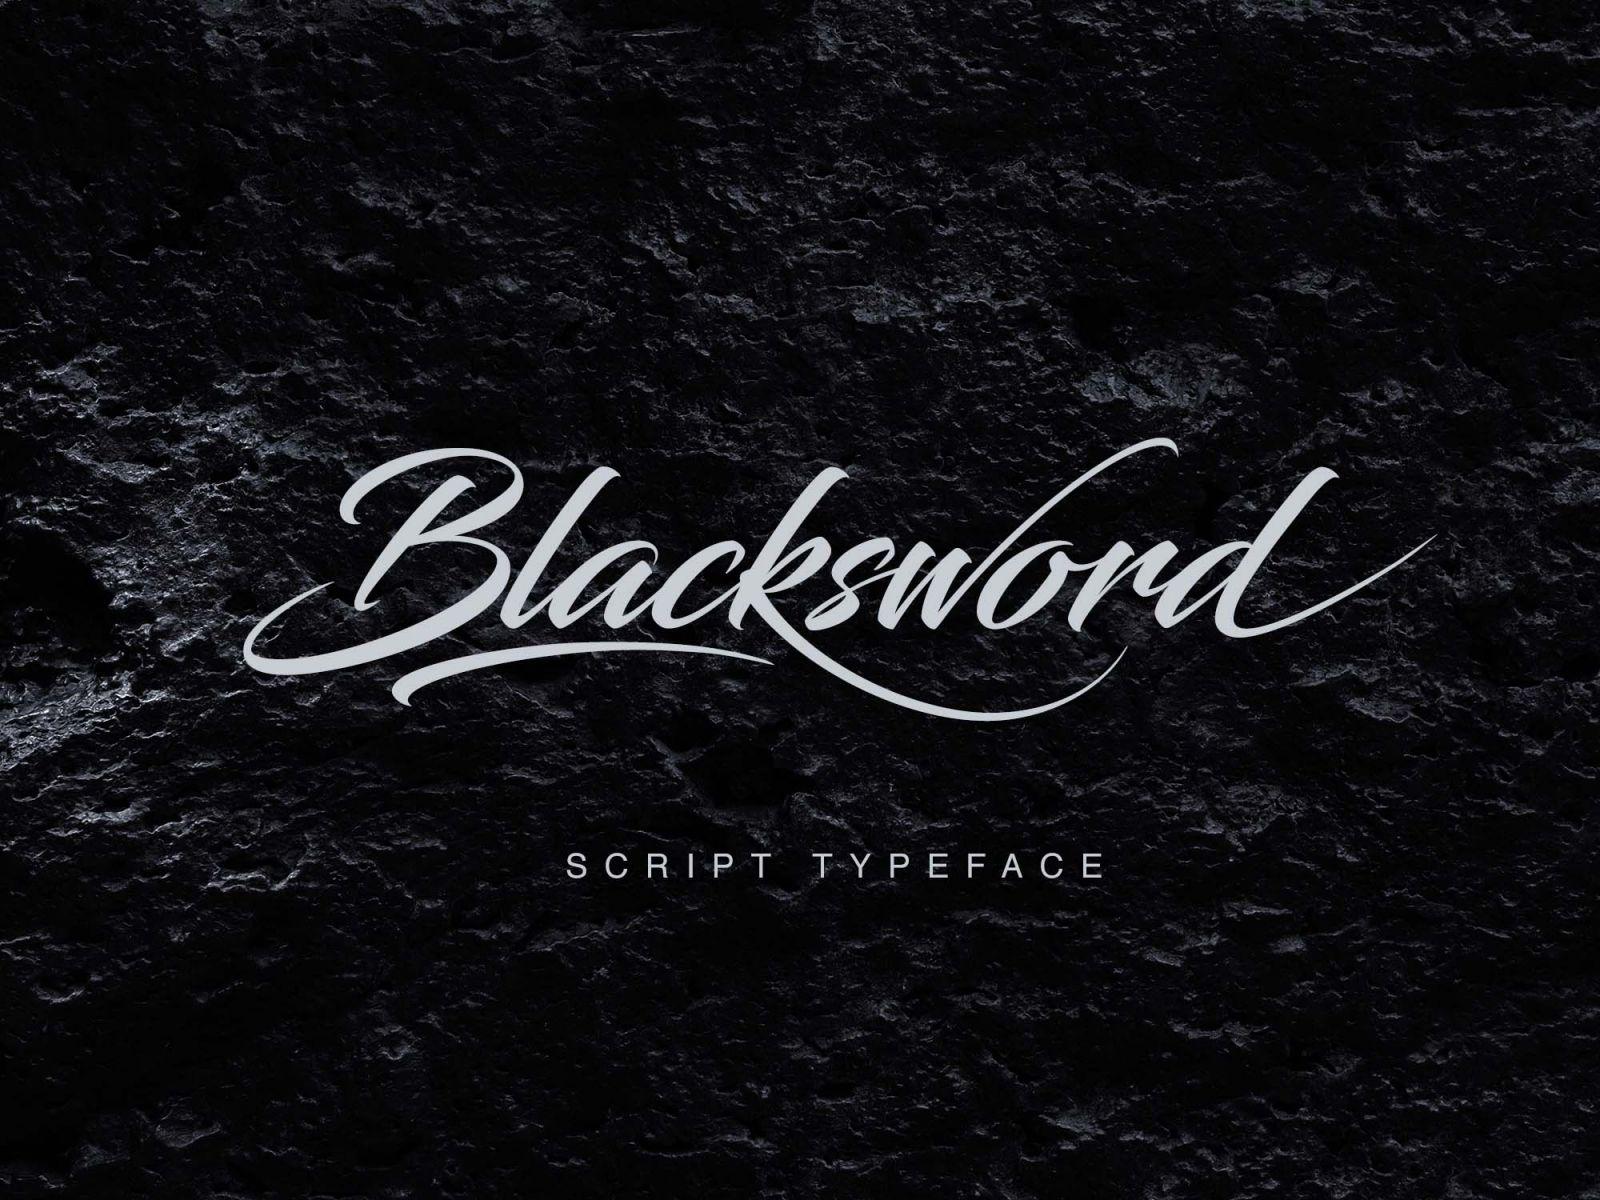 Blacksword Free Script Font Free script fonts, Script